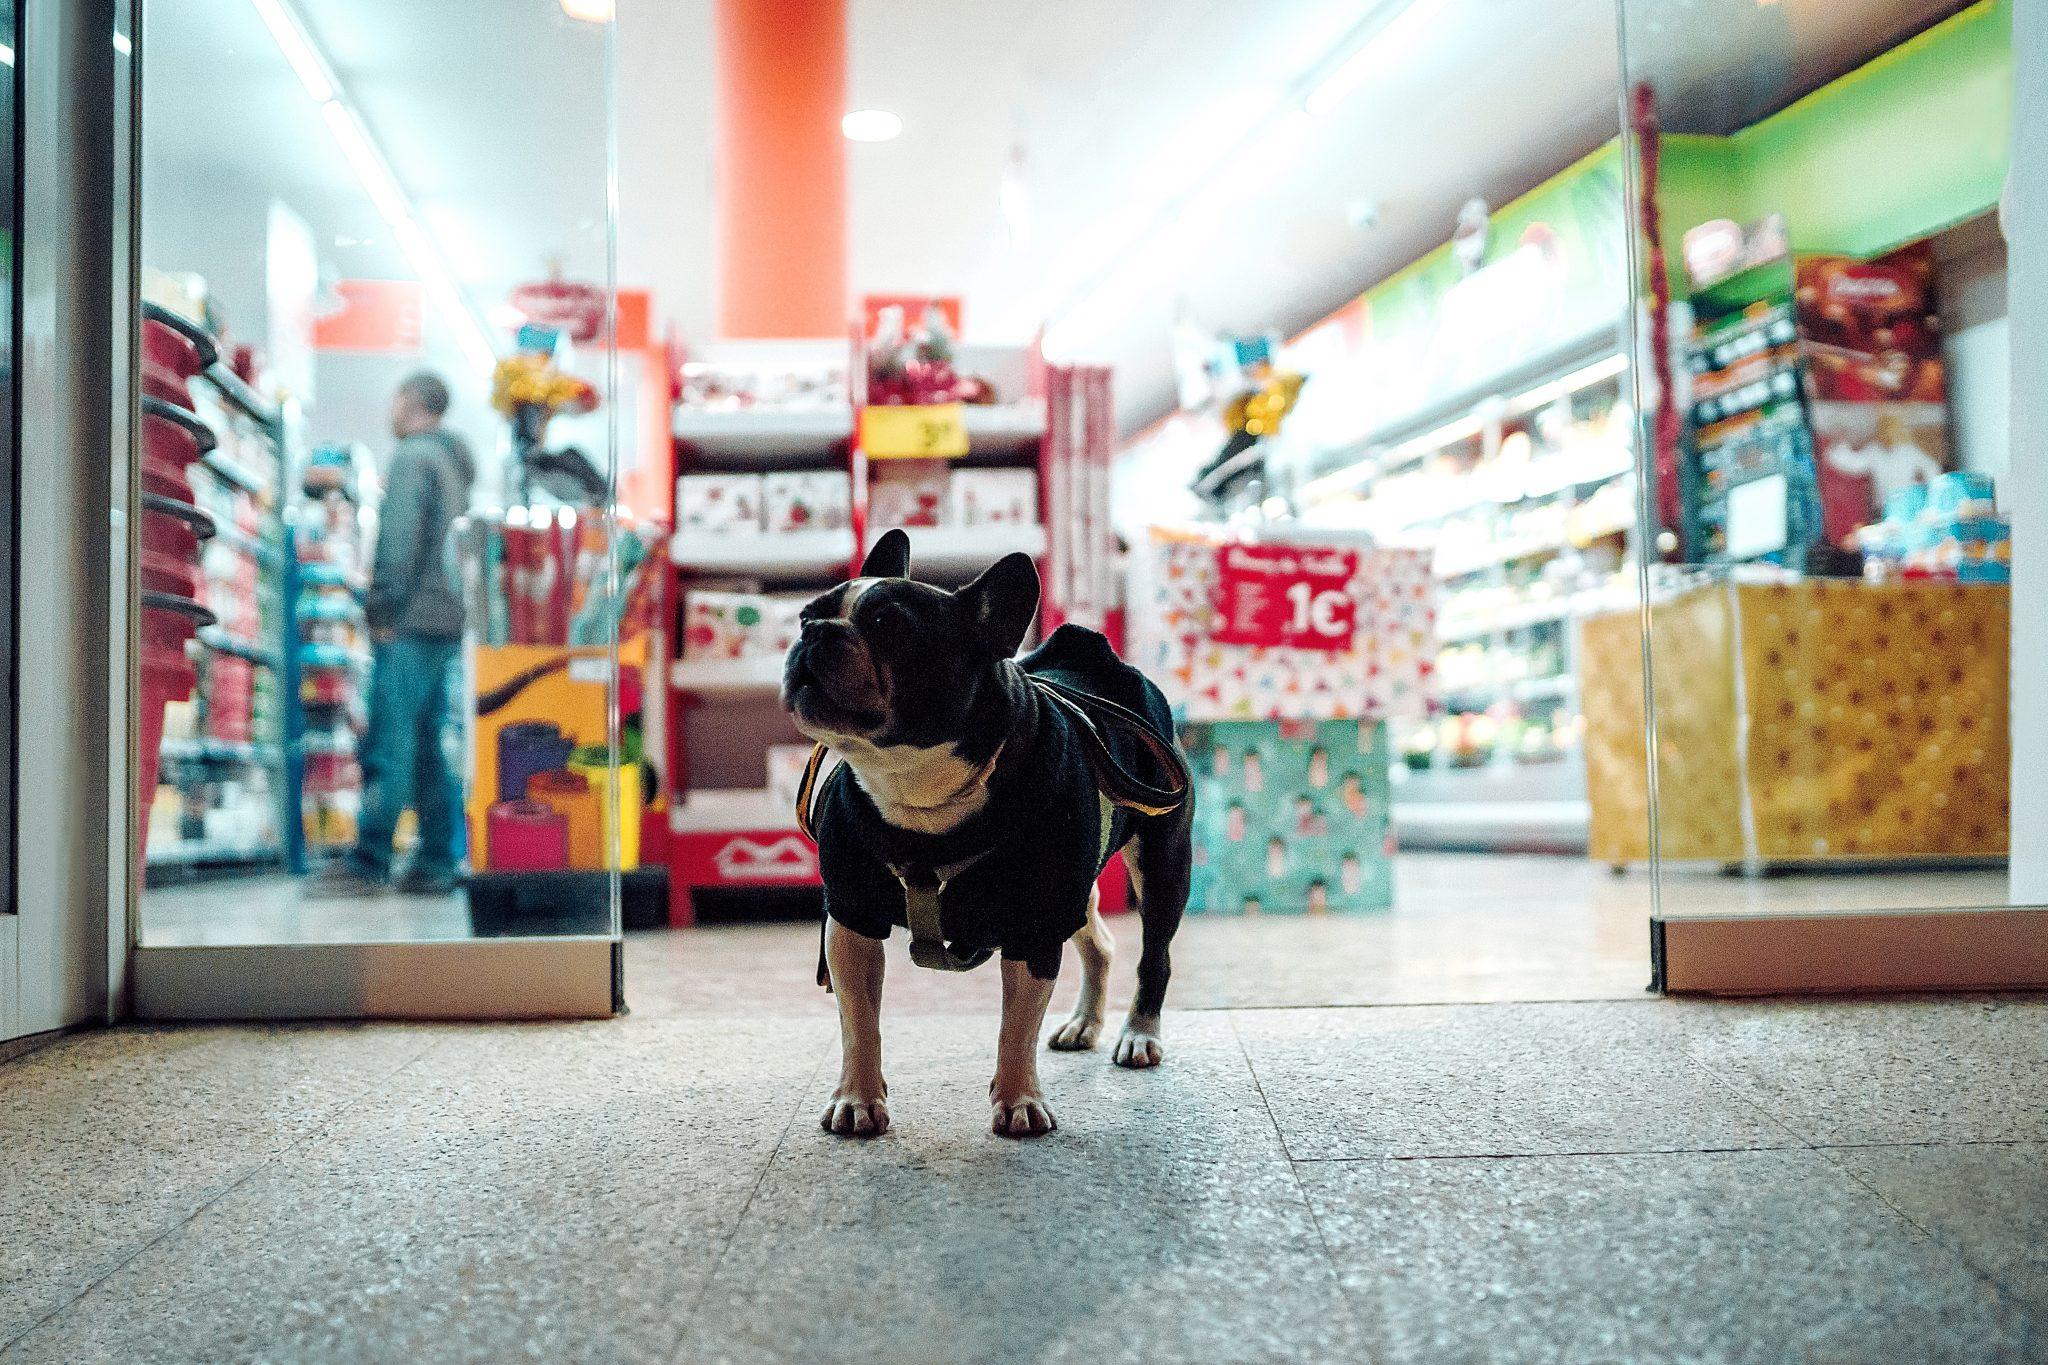 Un consumatore ideale per la Pet Economy: un bulldog francese fuori da un negozio per animali